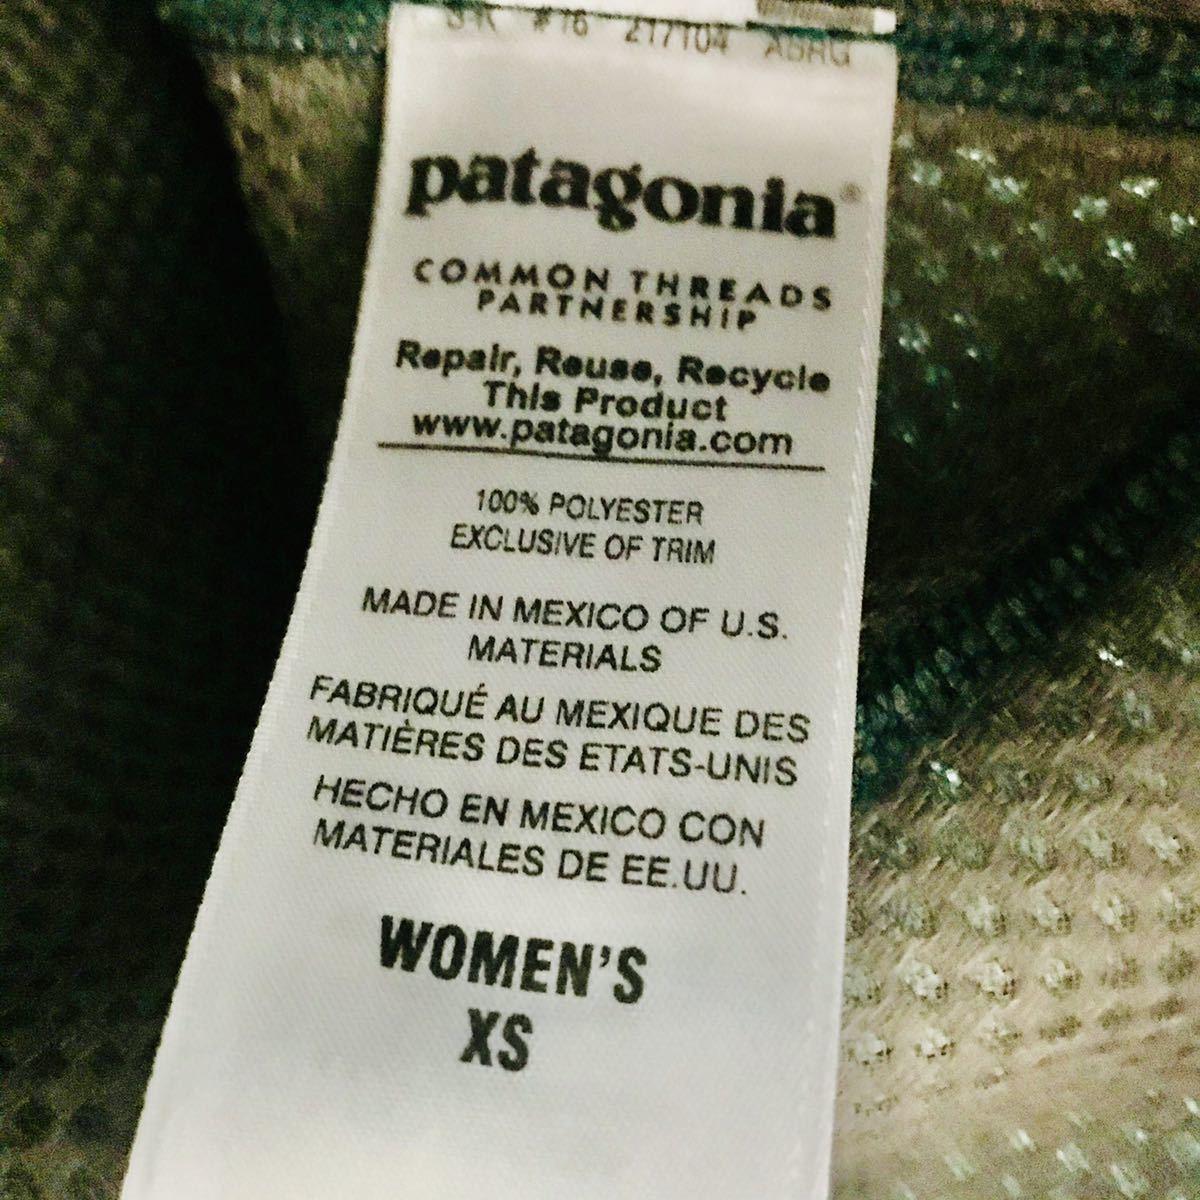 patagonia パタゴニア レトロx women's xs レア